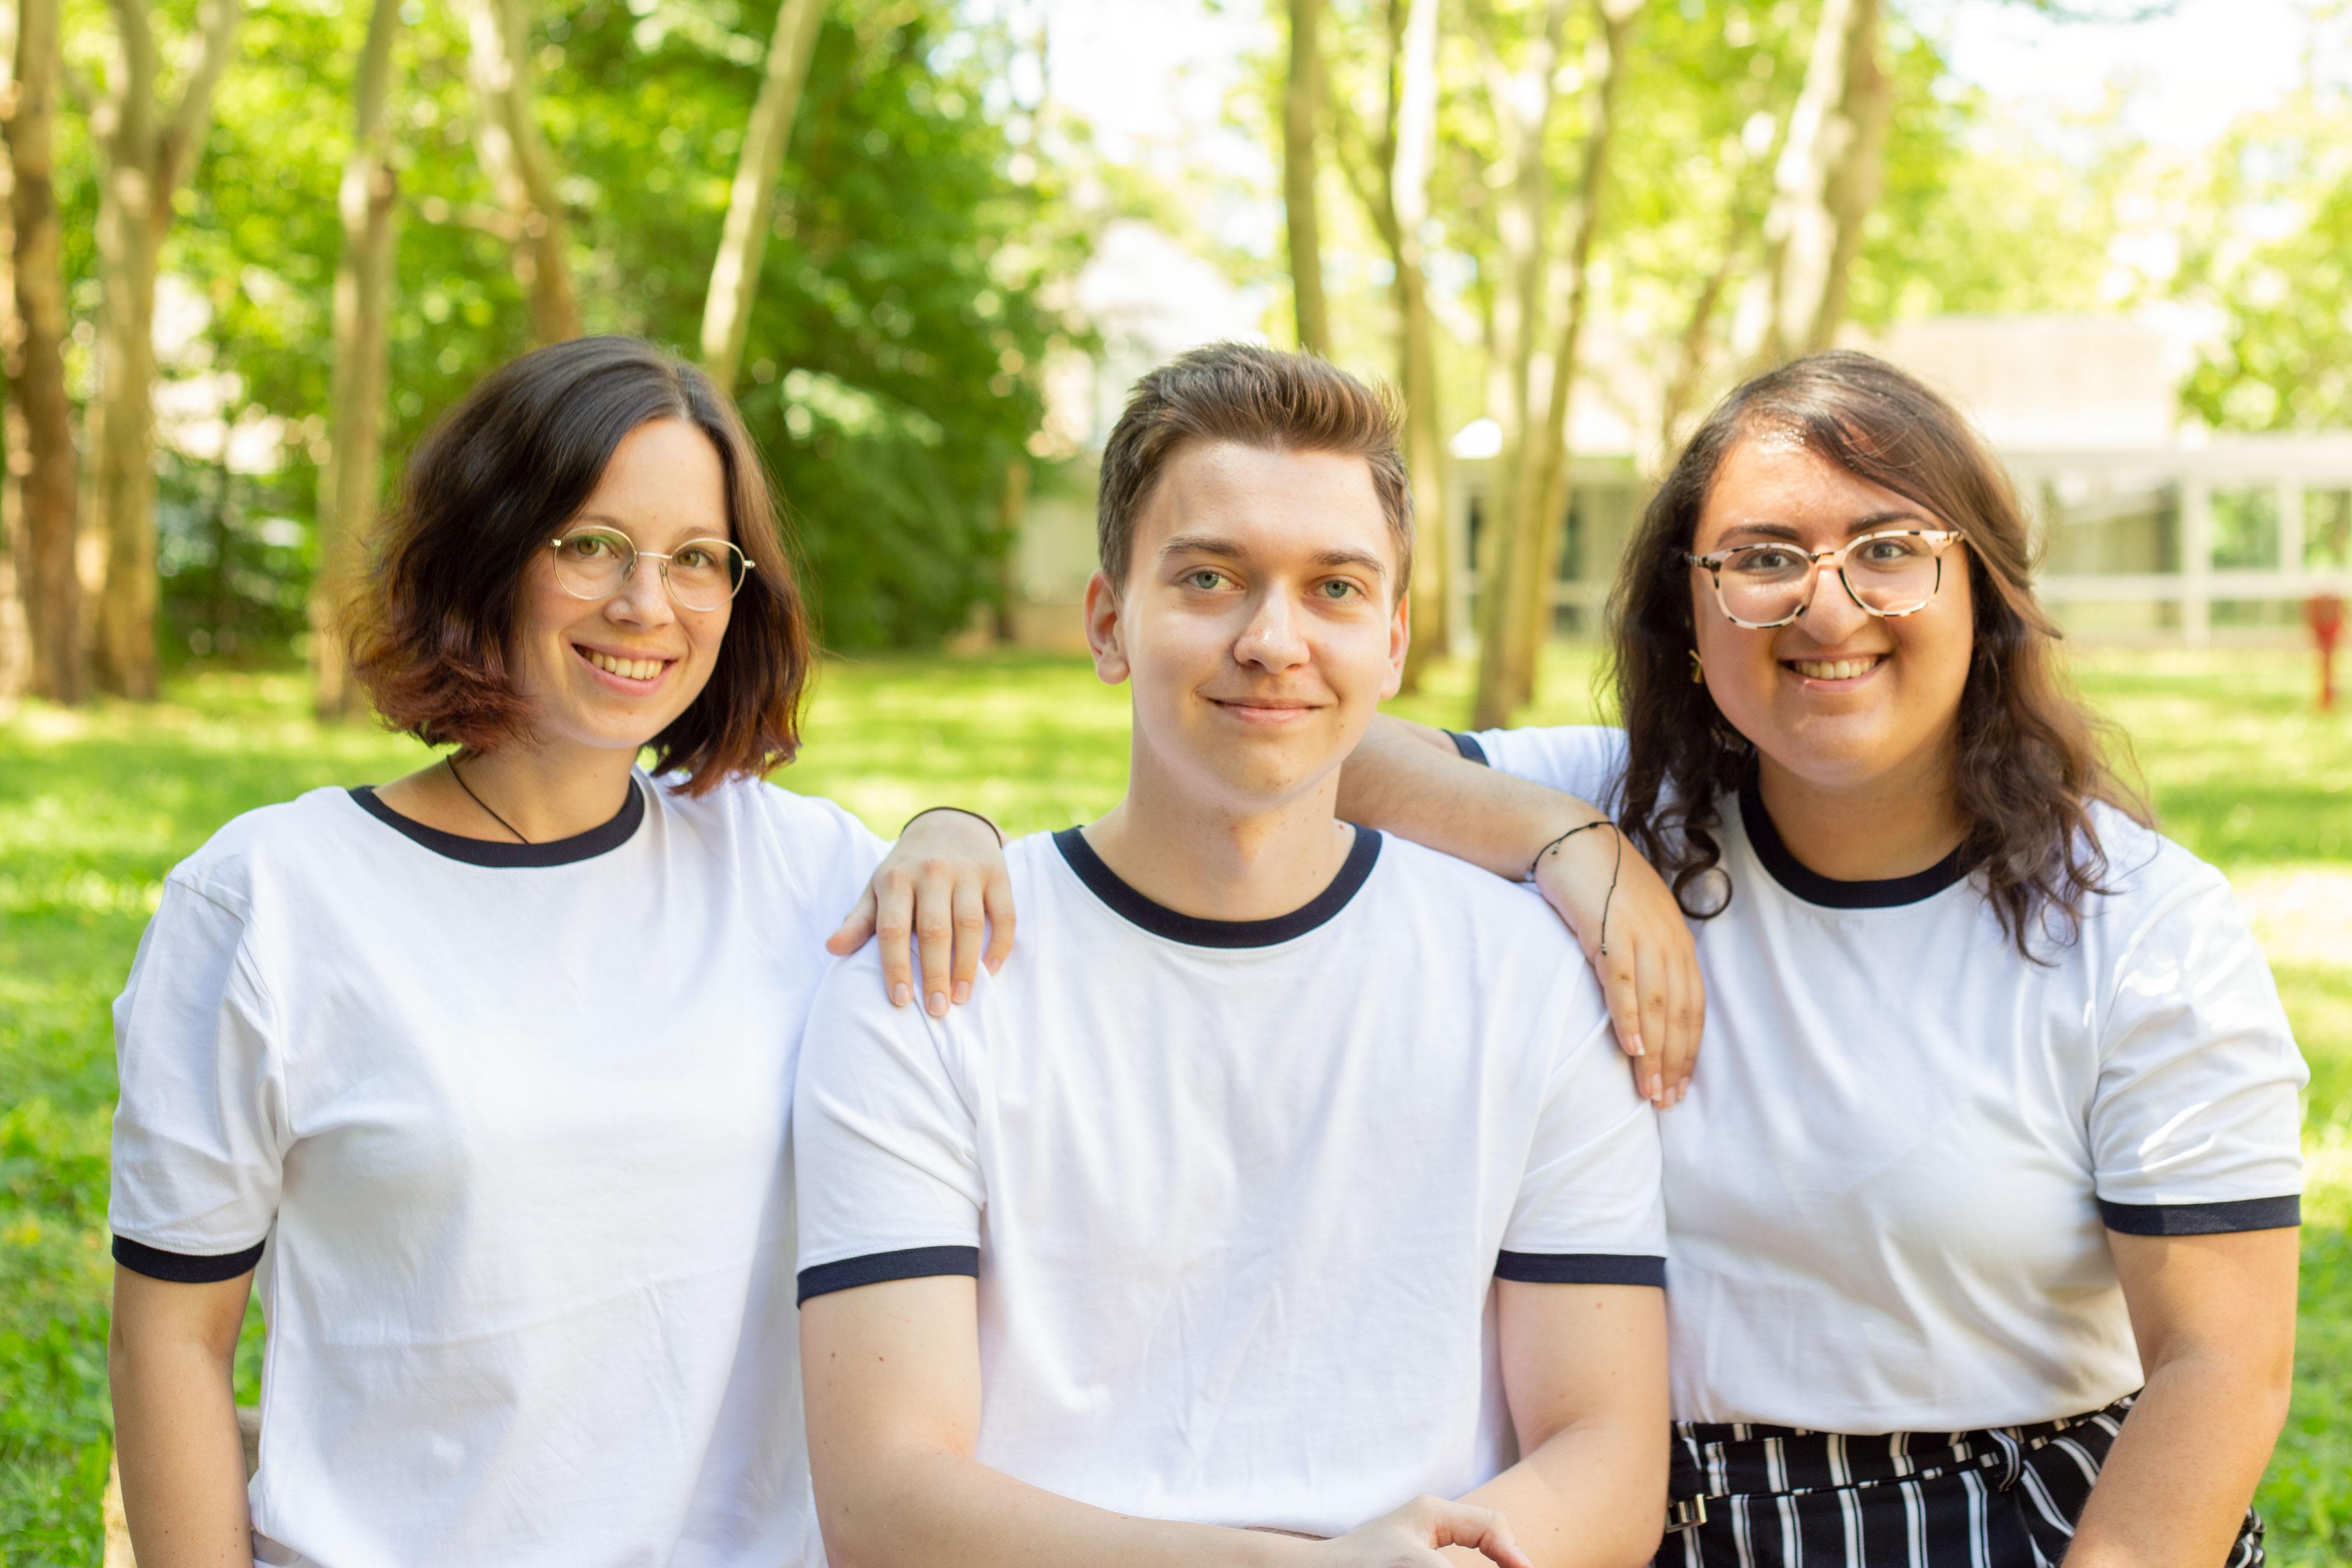 Gruppenfoto von Cowpanion vor einem grünen Hintergrund. Alle tragen das selbe weiß schwarze T-shirt